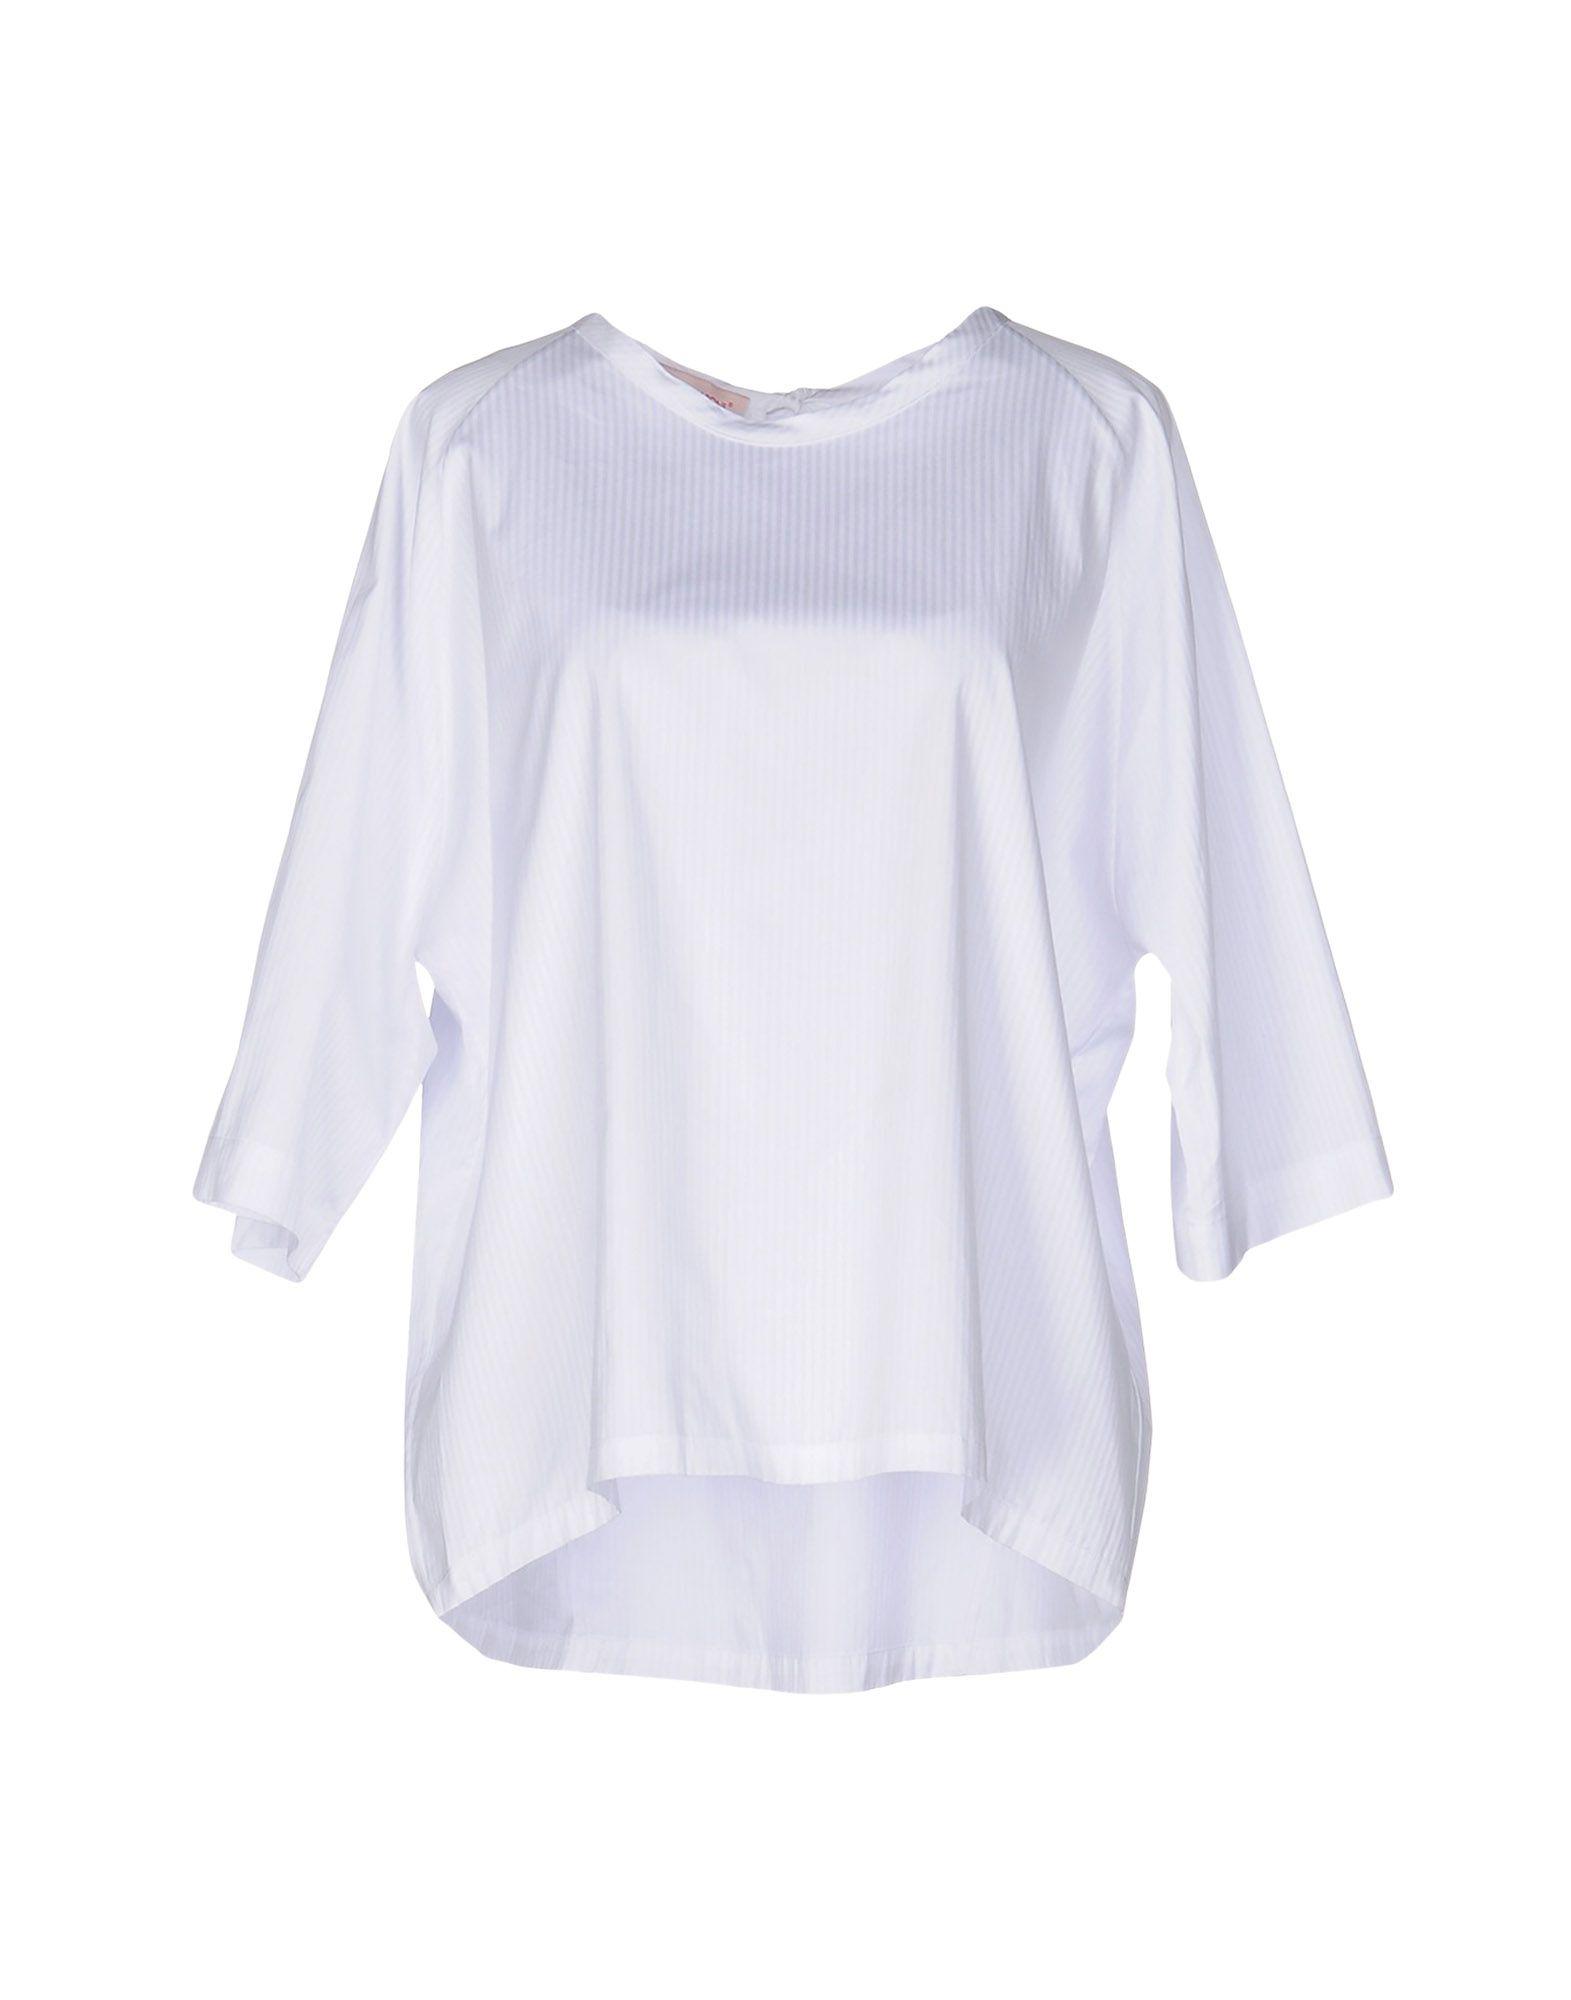 купить ANNA SAMMARONE Блузка по цене 5700 рублей